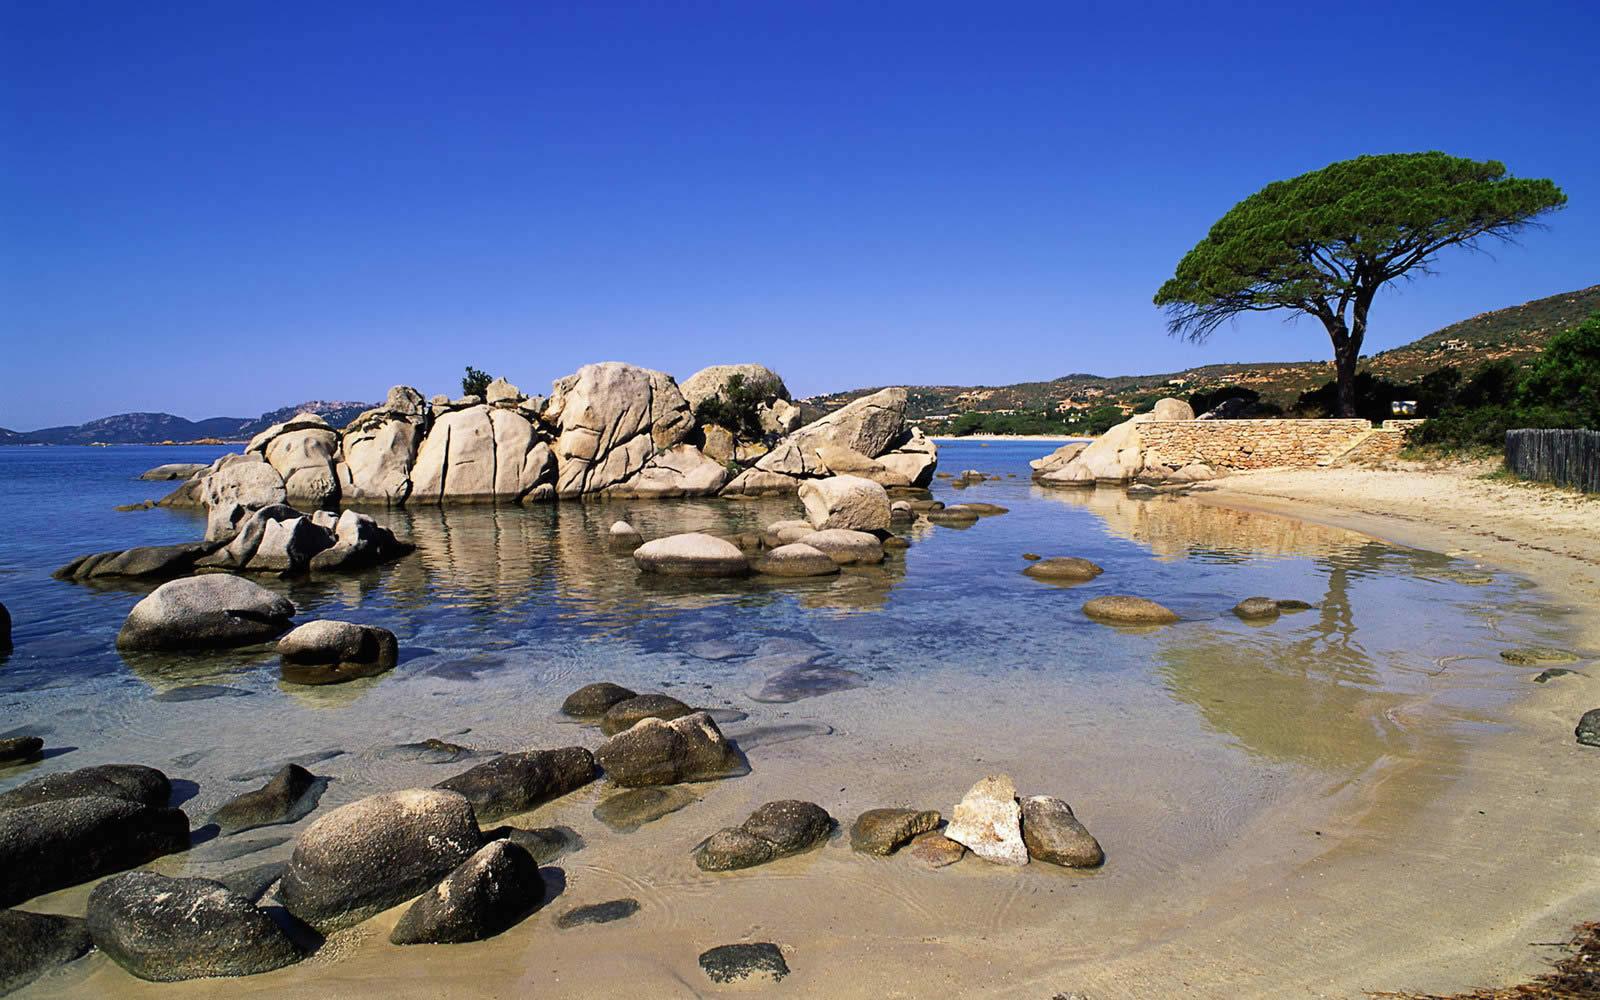 porto-vecchio-sud-station-balneaire-plages-secretes-privees-boutiques-artisans-randonnees-montagne